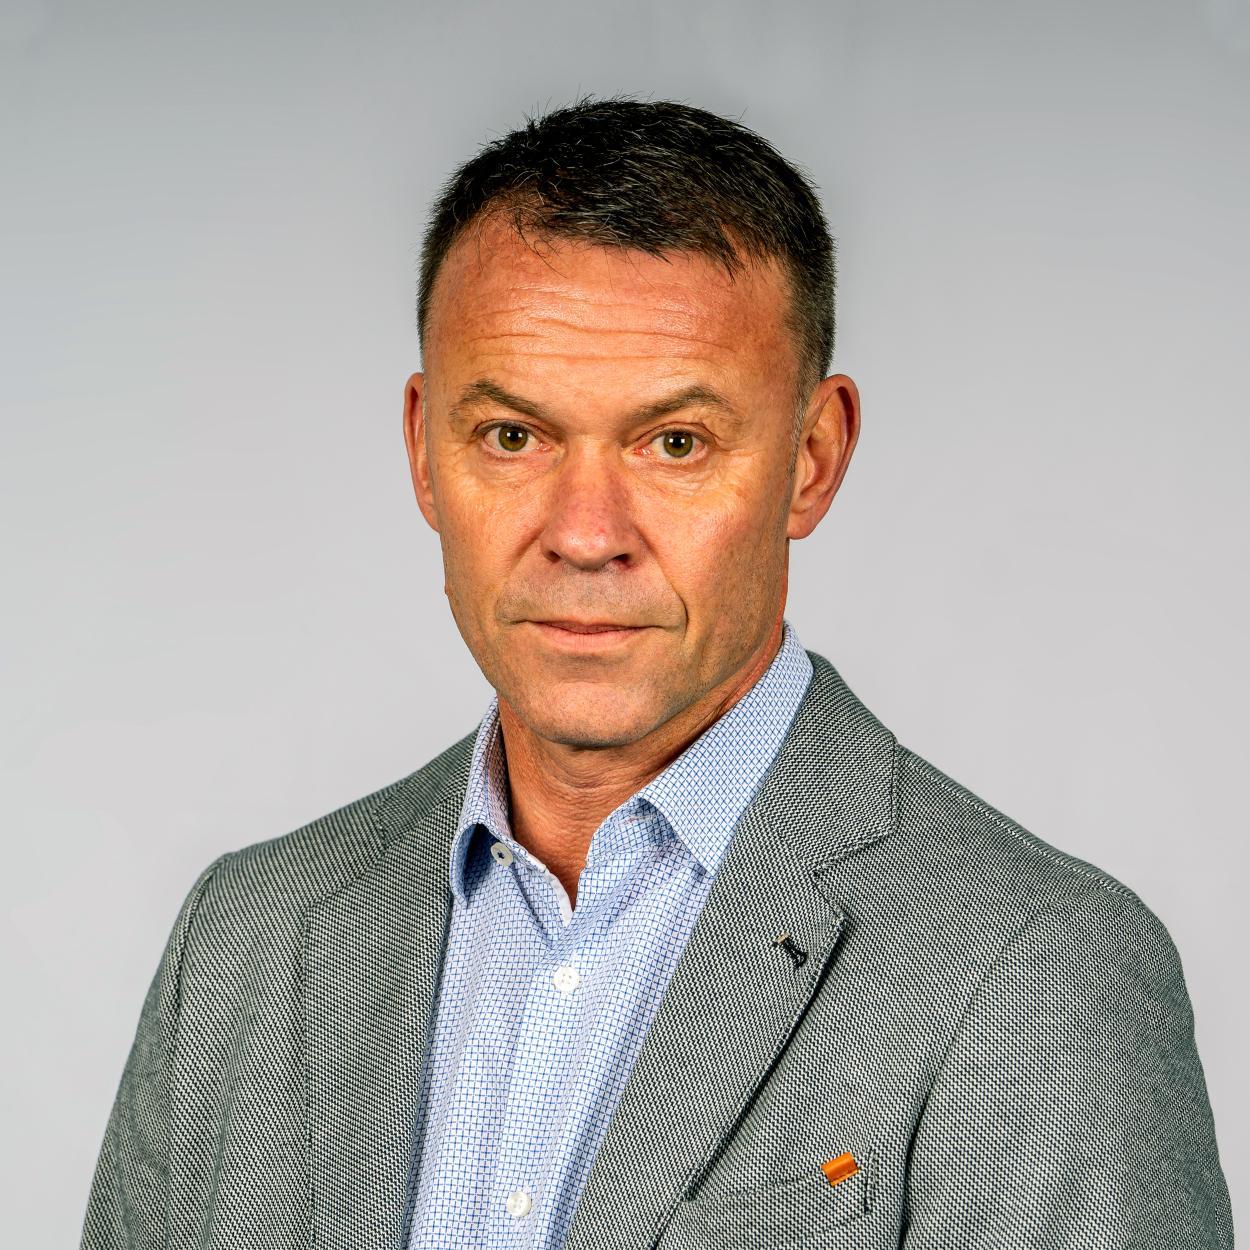 22. Ganahl Werner